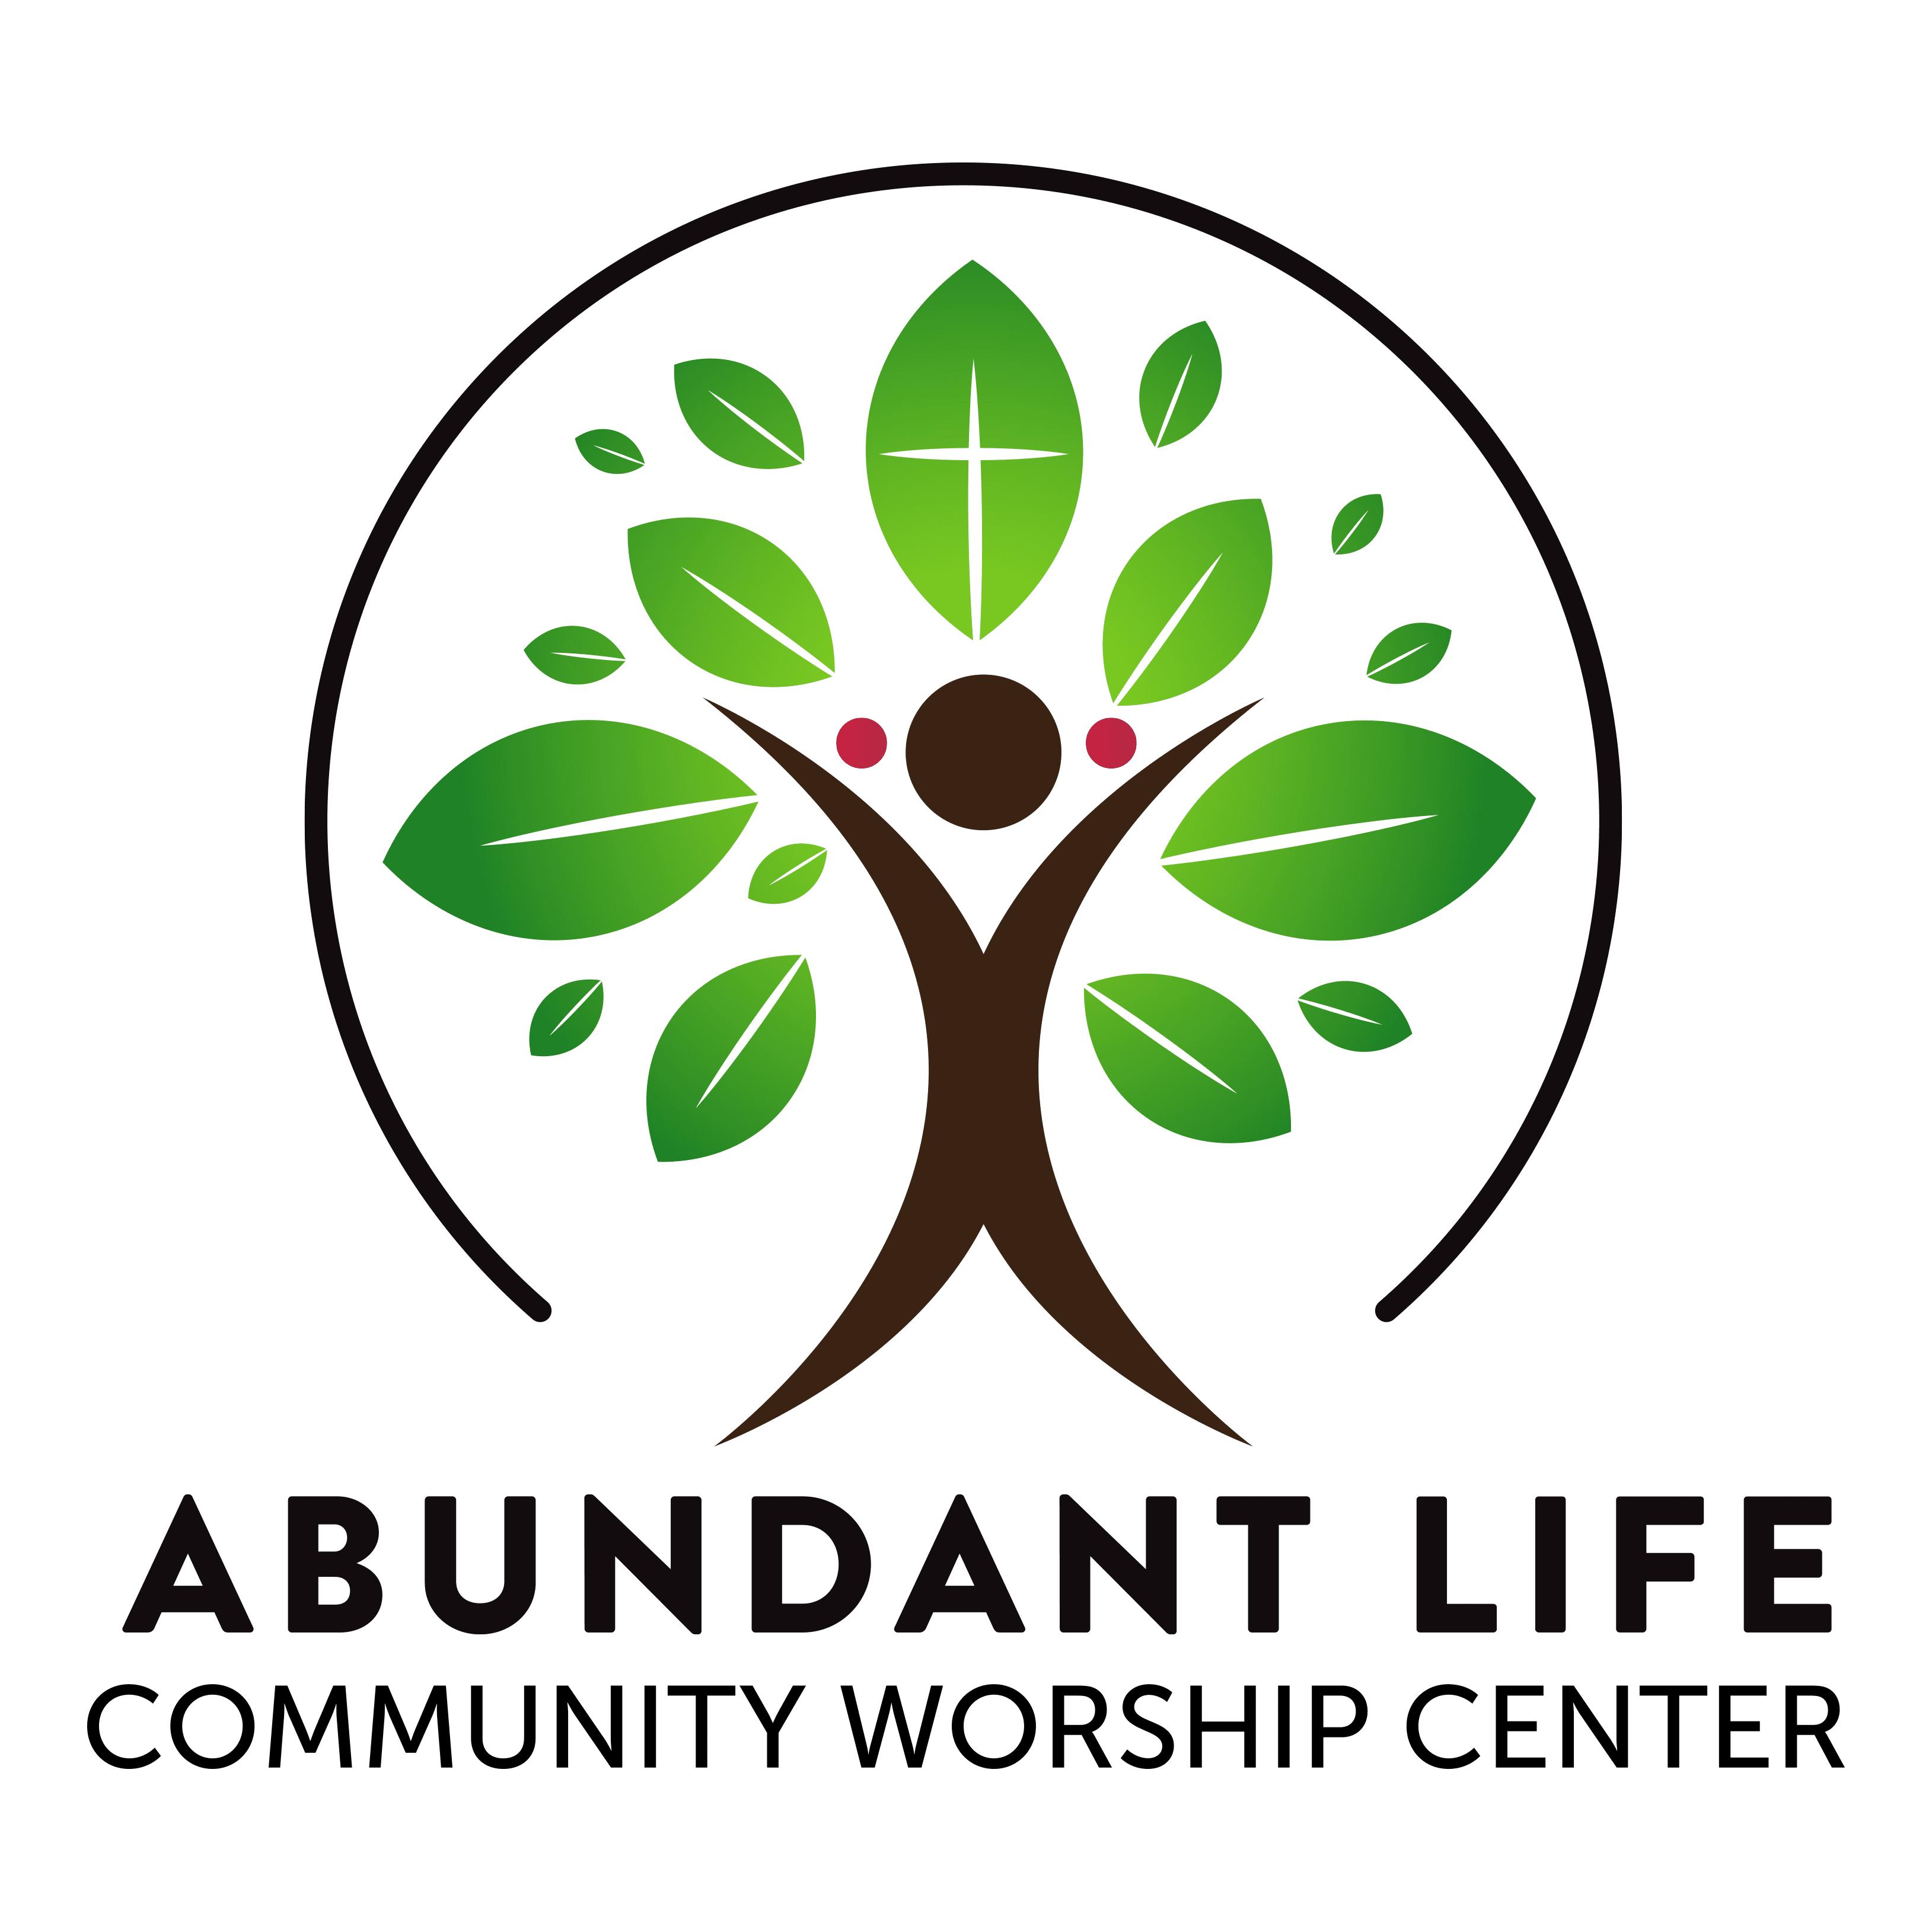 Abundant Life Community Worship Center